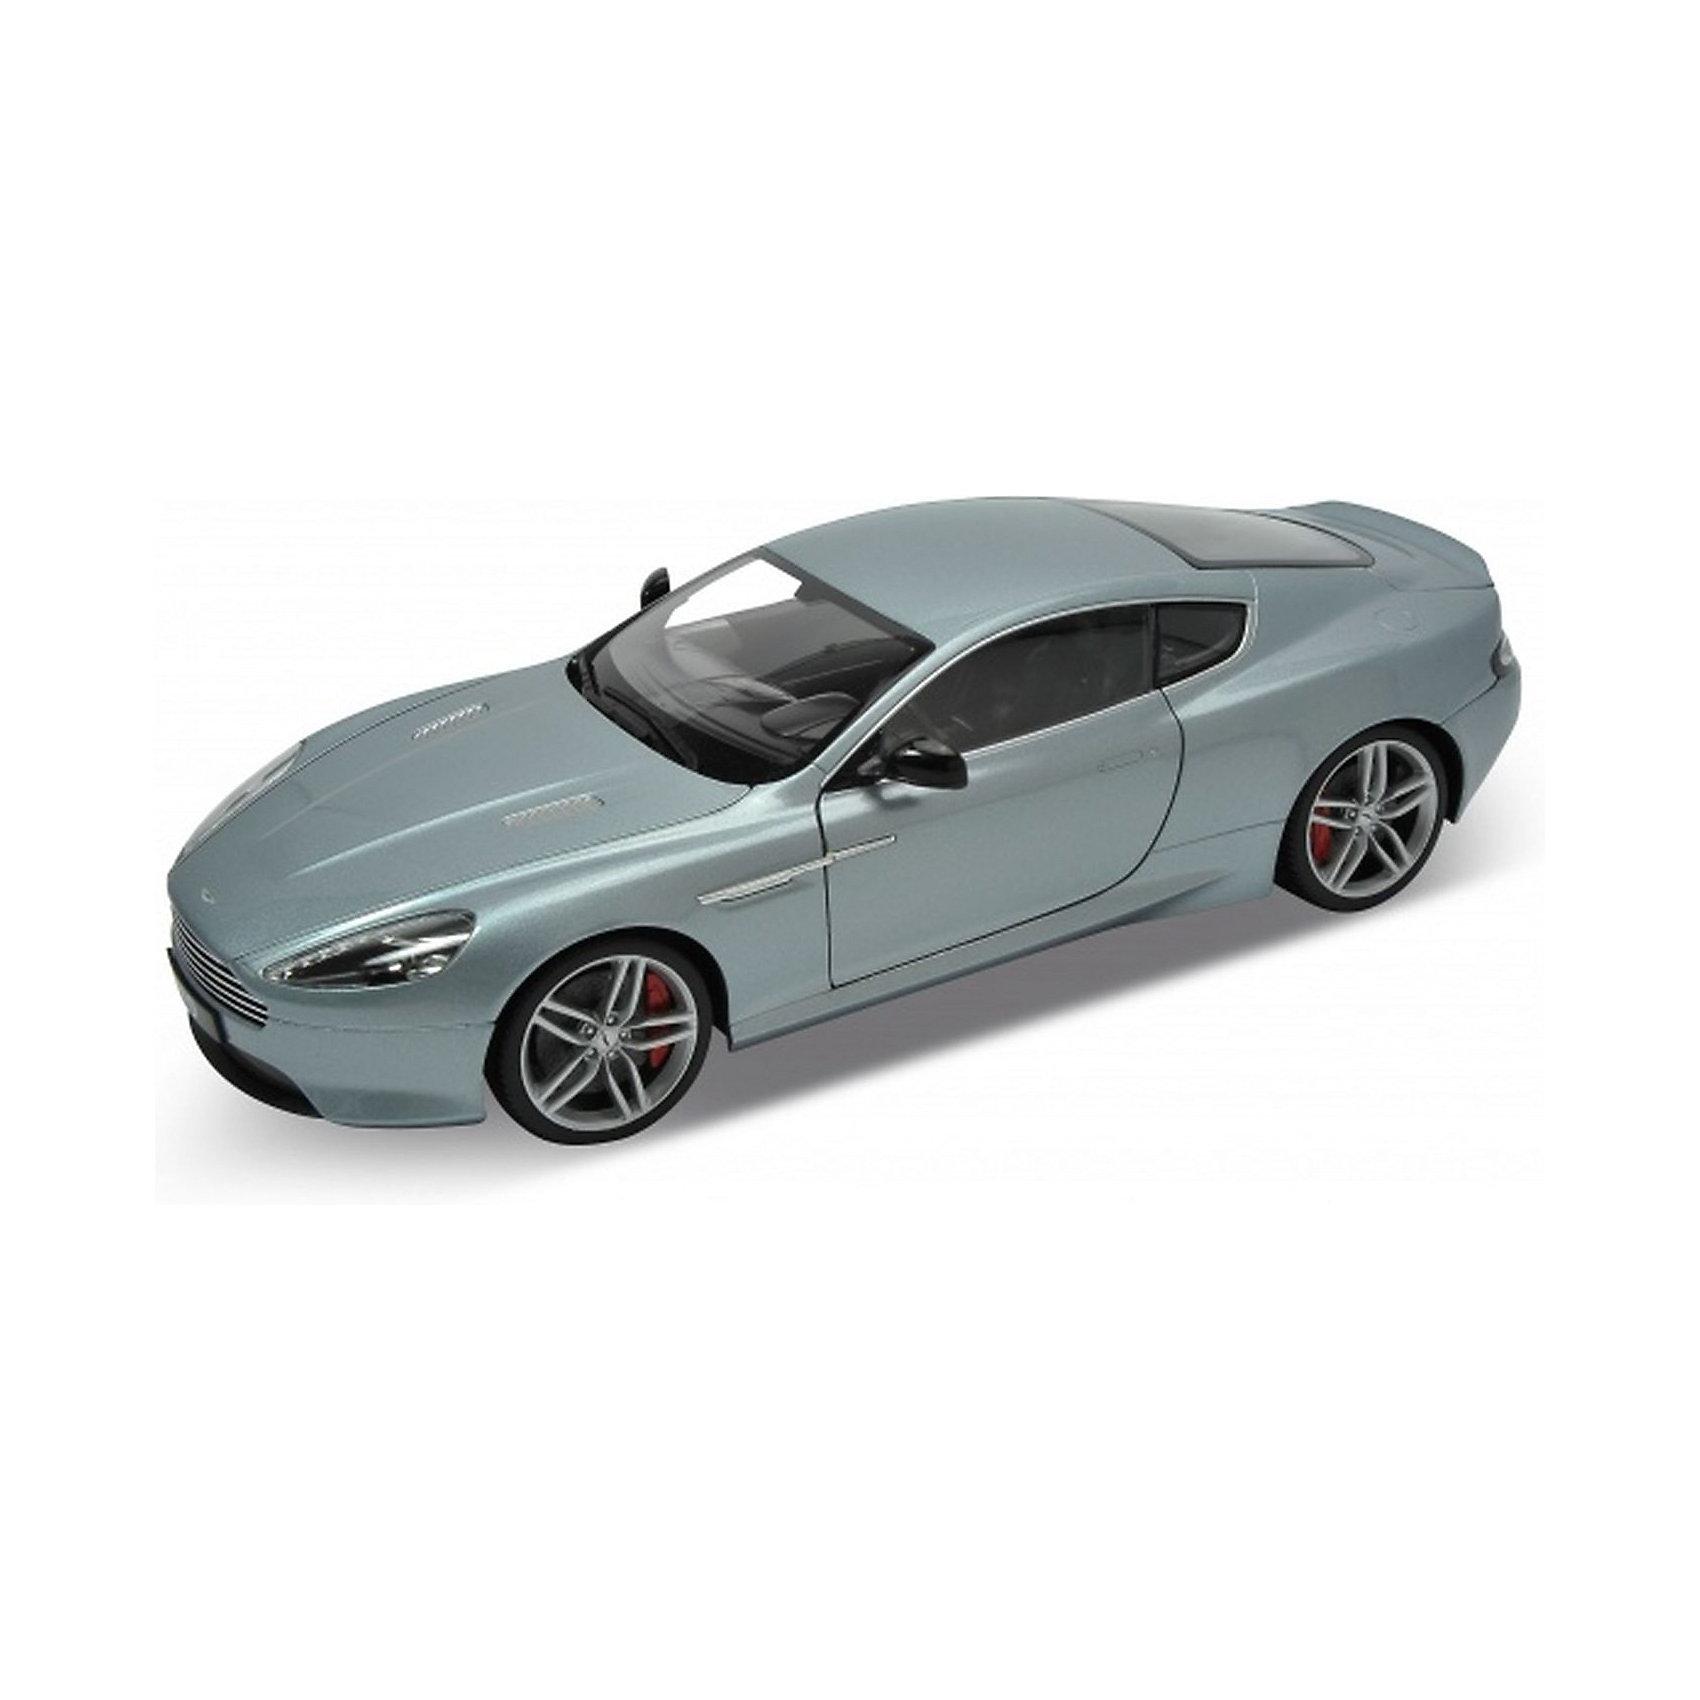 Модель машины 1:18 Aston Martin DB9, WellyКоллекционные модели<br>Модель машины 1:18 Aston Martin DB9, от Welly - мечта любого коллекционера или просто прекрасный подарок.<br>У модели открываются все двери, багажник и капот. Под капотом - детализированный двигатель. Детализирована так же выхлопная система под днищем. Поворачивающиеся передние колеса, руль. Автомобильные кресла выполнены из мягкого пластика, на ощупь похожего на кожу. Эта модель - настоящая машина, только в миниатюре.<br>Aston Martin DB9 — Gran Turismo, созданный Астон Мартин в 2004 году. DB9 — первый автомобиль, предназначенный для сборки на фабрике Aston в Гэйдоне. Аббревиатура «DB» происходит от инициалов David Brown, владельца компании Aston Martin в течение значительного промежутка времени её истории.<br><br>Дополнительная информация:<br><br>- Высокое качество сборки;<br>- Высокая степень детализации;<br>- Открываются все двери, багажник, капот;<br>- Модель Aston Martin;<br>- Цвет: серебро;<br>- Масштаб: 1:18;<br>- Материал: пластик, металл;<br>- Размер: 27 х 10 х 8,5 см<br><br>Модель машины 1:18 Aston Martin DB9, Welly можно купить в нашем интернет-магазине.<br><br>Ширина мм: 335<br>Глубина мм: 135<br>Высота мм: 335<br>Вес г: 1180<br>Возраст от месяцев: 48<br>Возраст до месяцев: 1188<br>Пол: Мужской<br>Возраст: Детский<br>SKU: 3679810